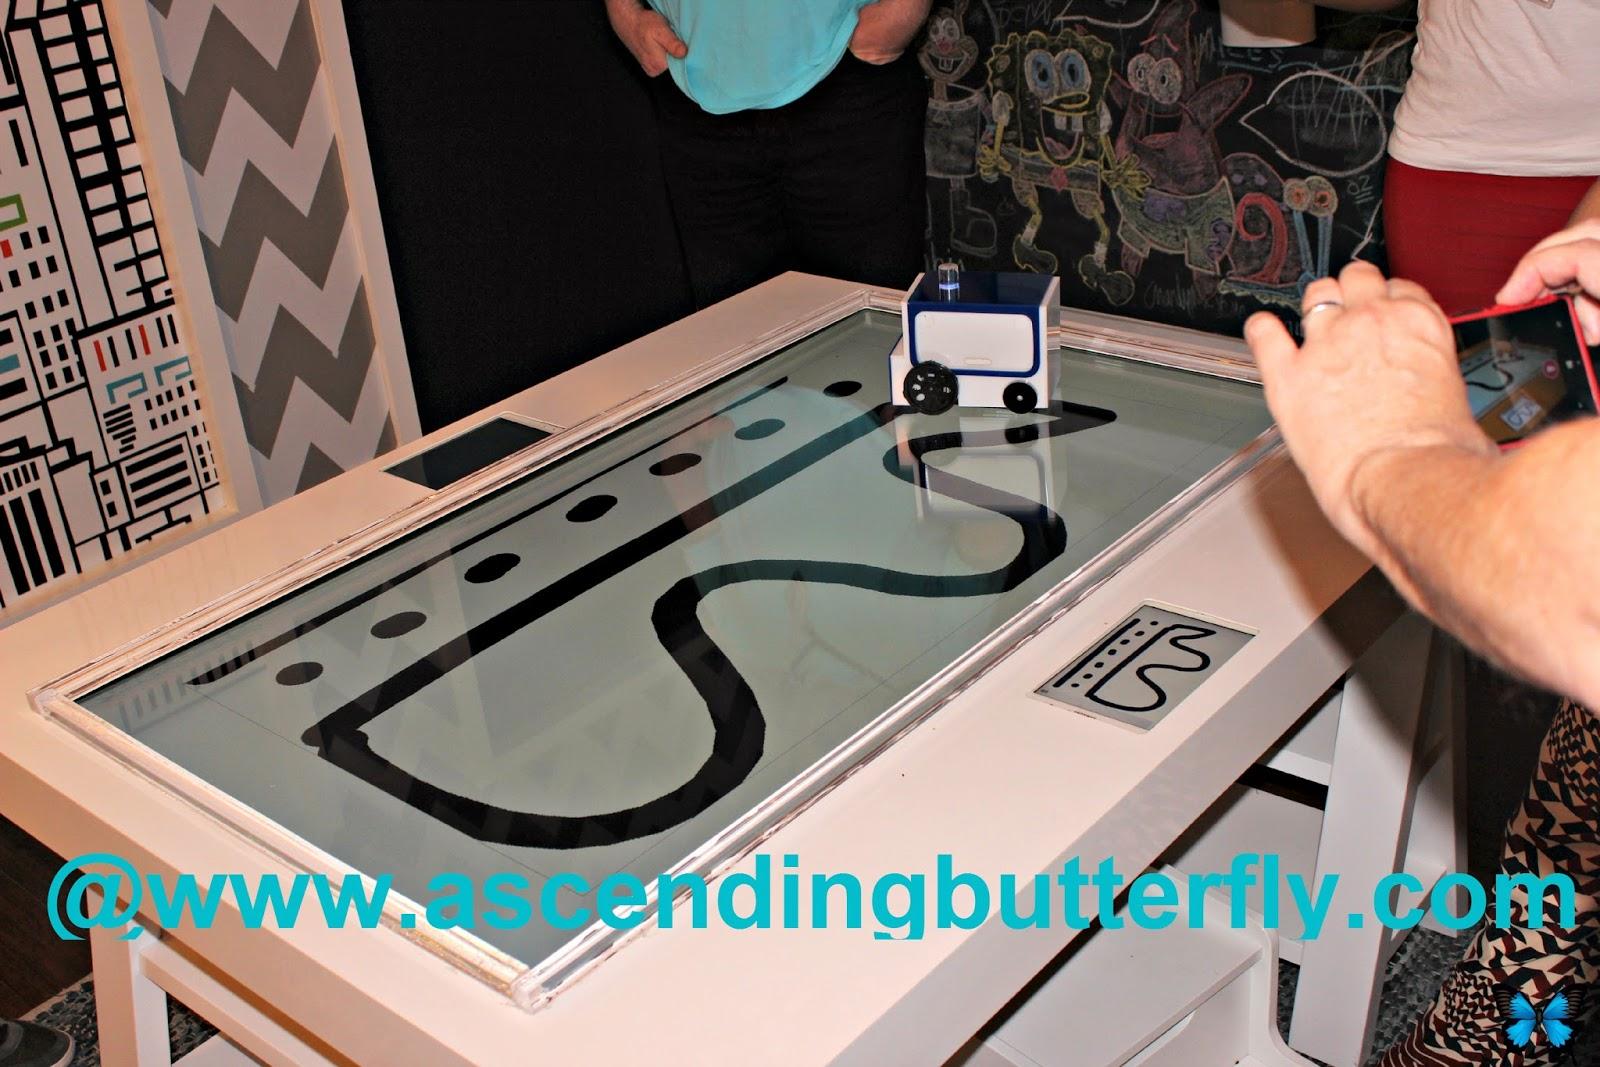 Play area at the SoHo Samsung Galaxy Studio